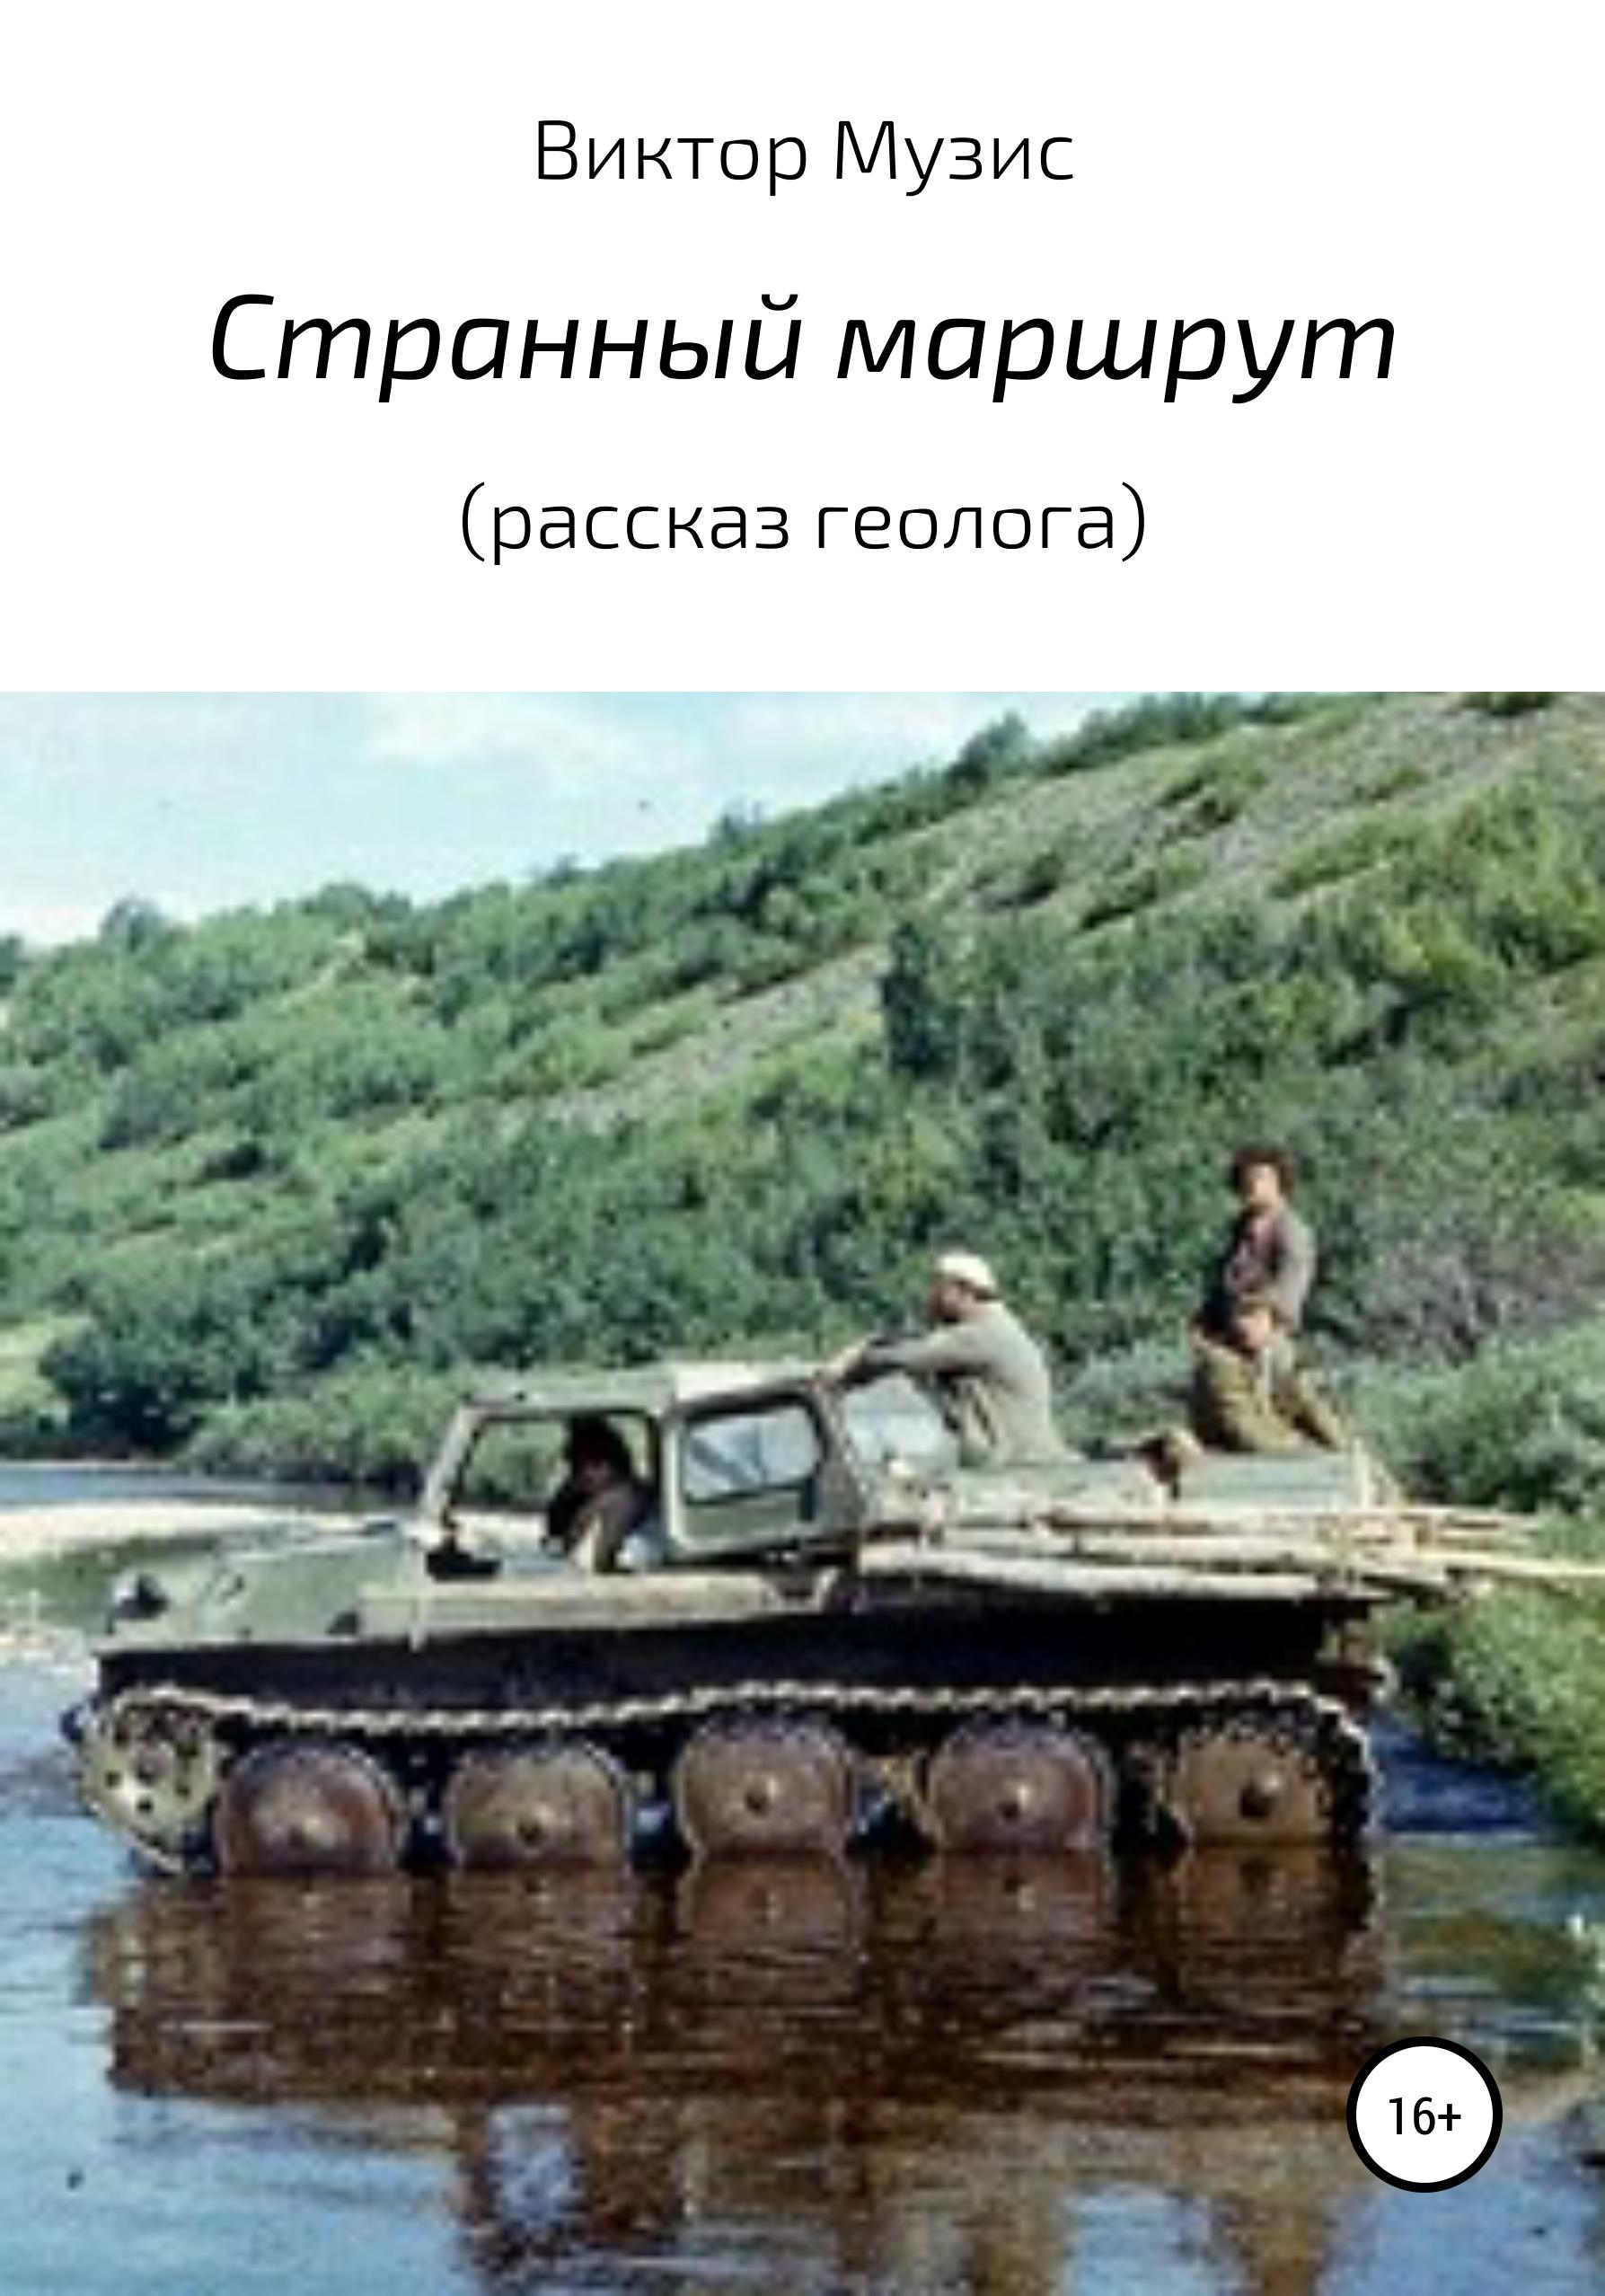 Купить книгу Странный маршрут, автора Виктора Музиса